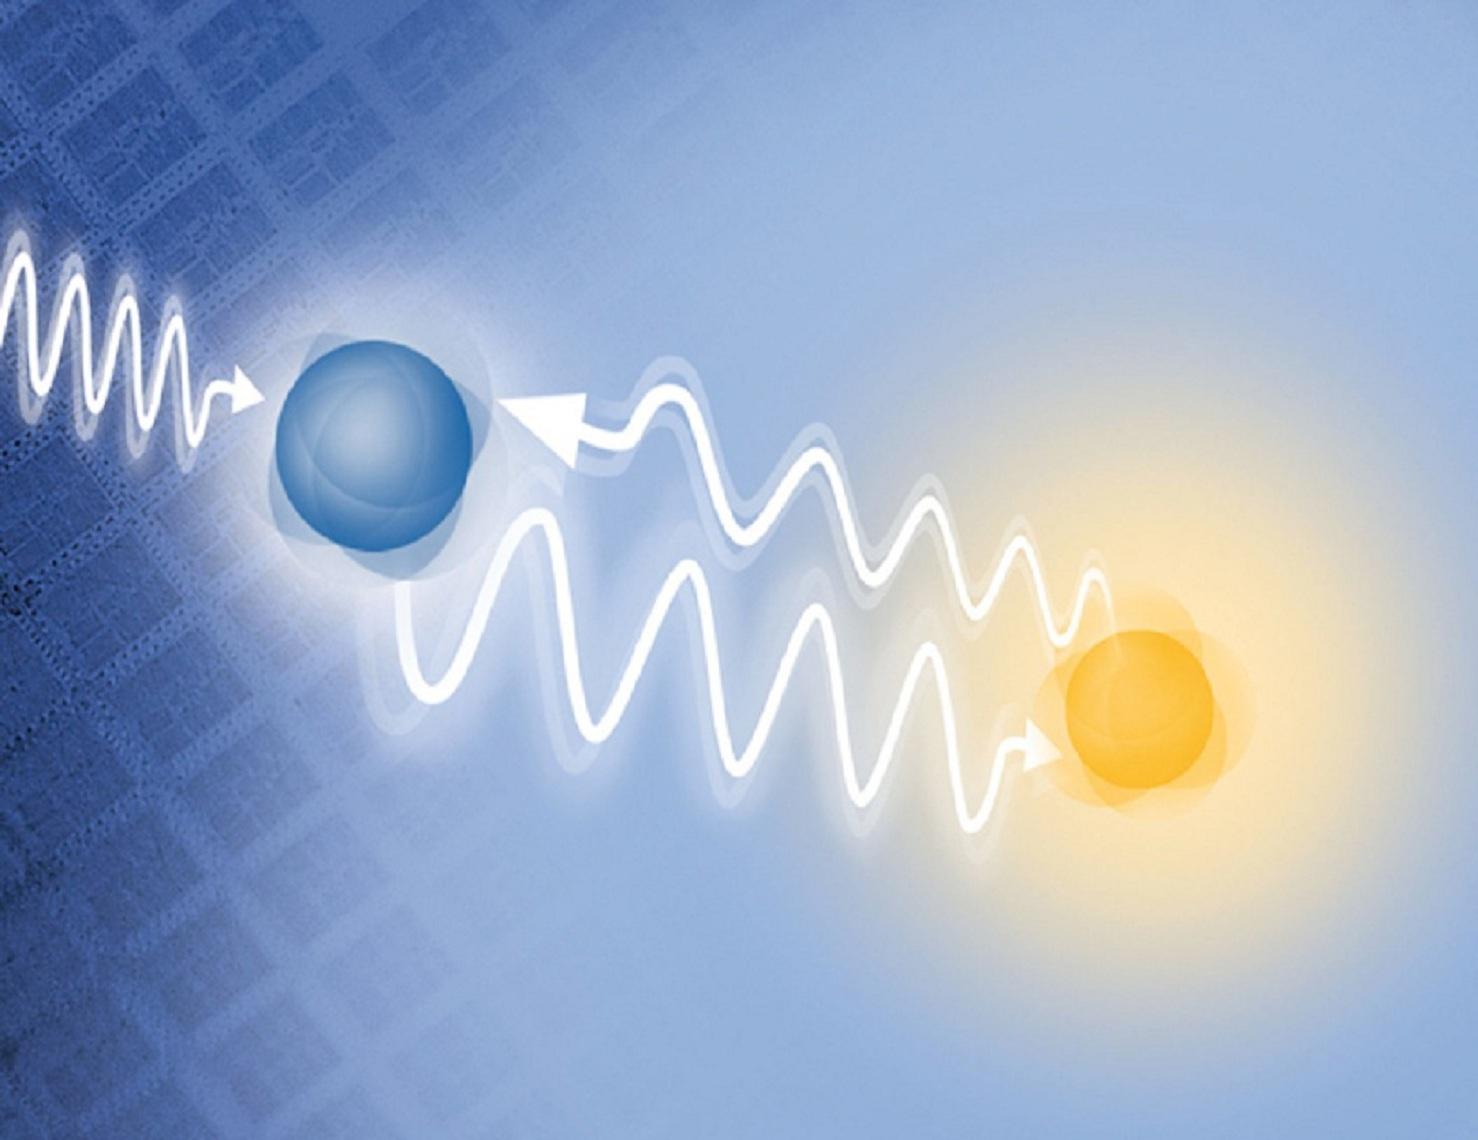 Partículas subatómicas relacionándose entre ellas a distancia, a través de señales casi instantáneas. Fuente: Wired.